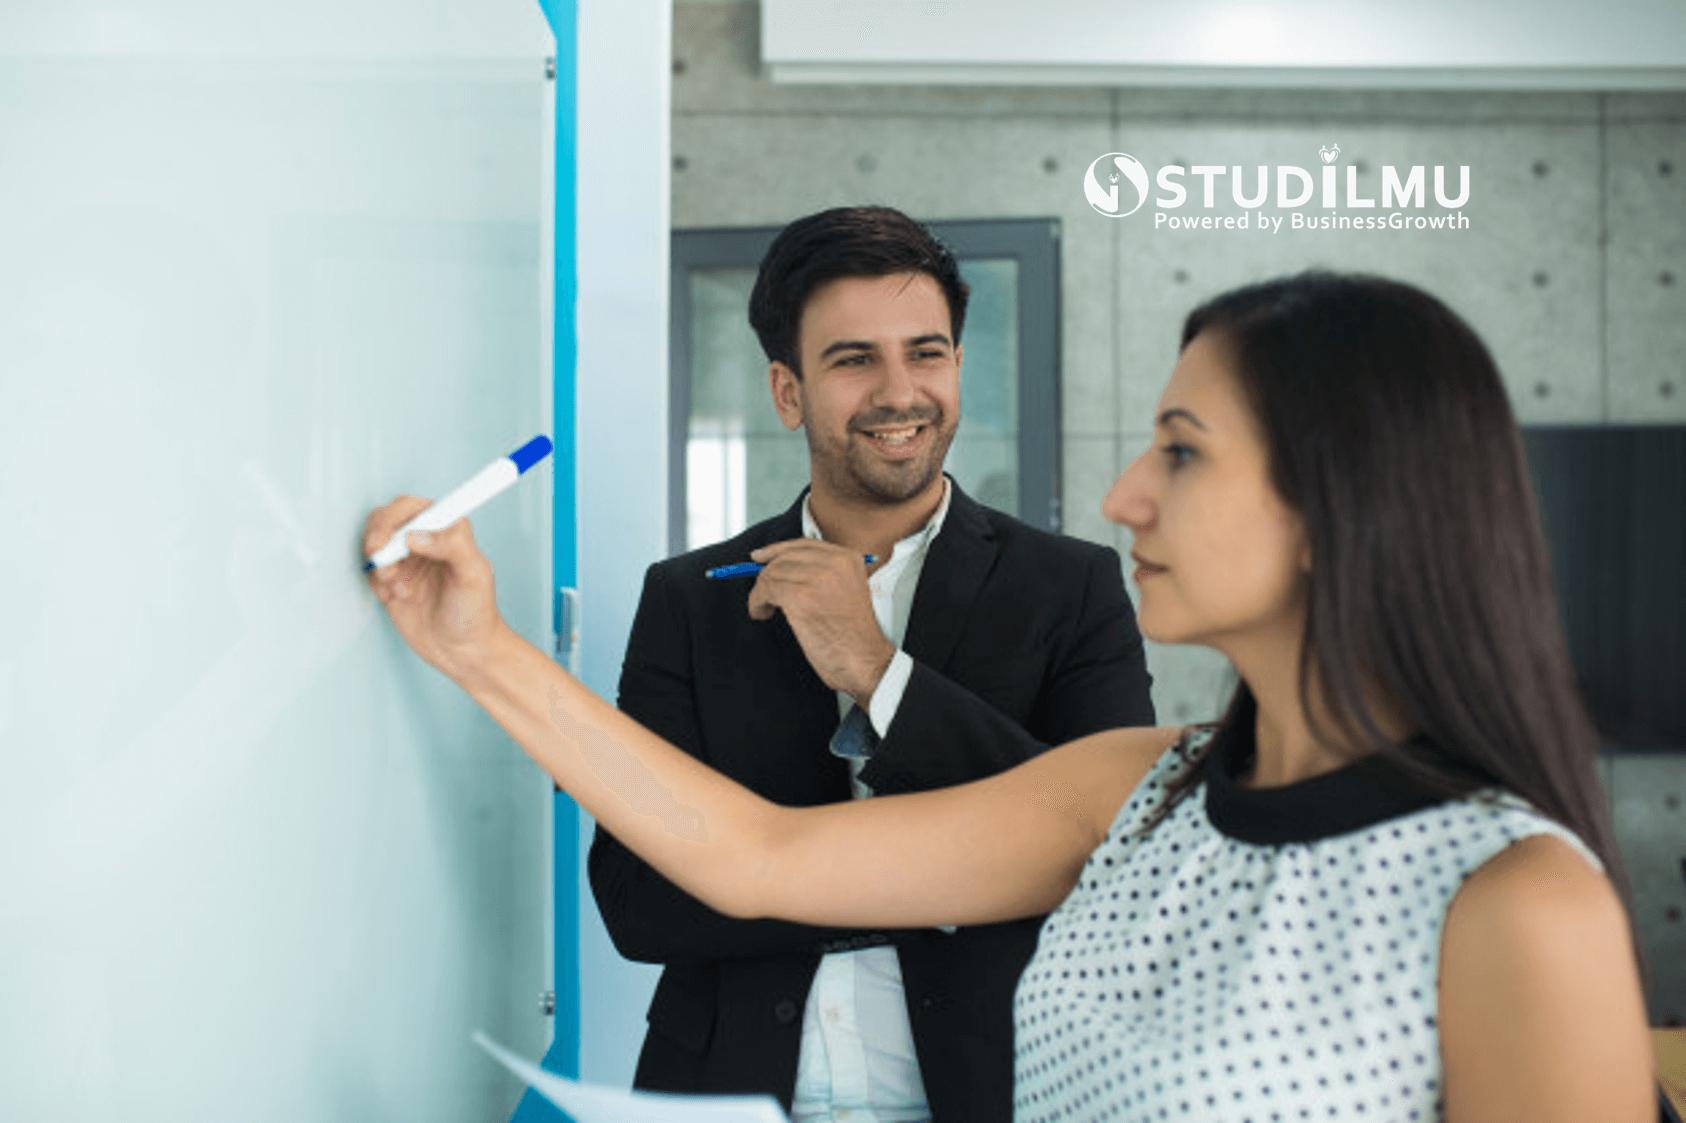 STUDILMU Career Advice - Etika Memuji Rekan Kerja di Lingkungan Kerja